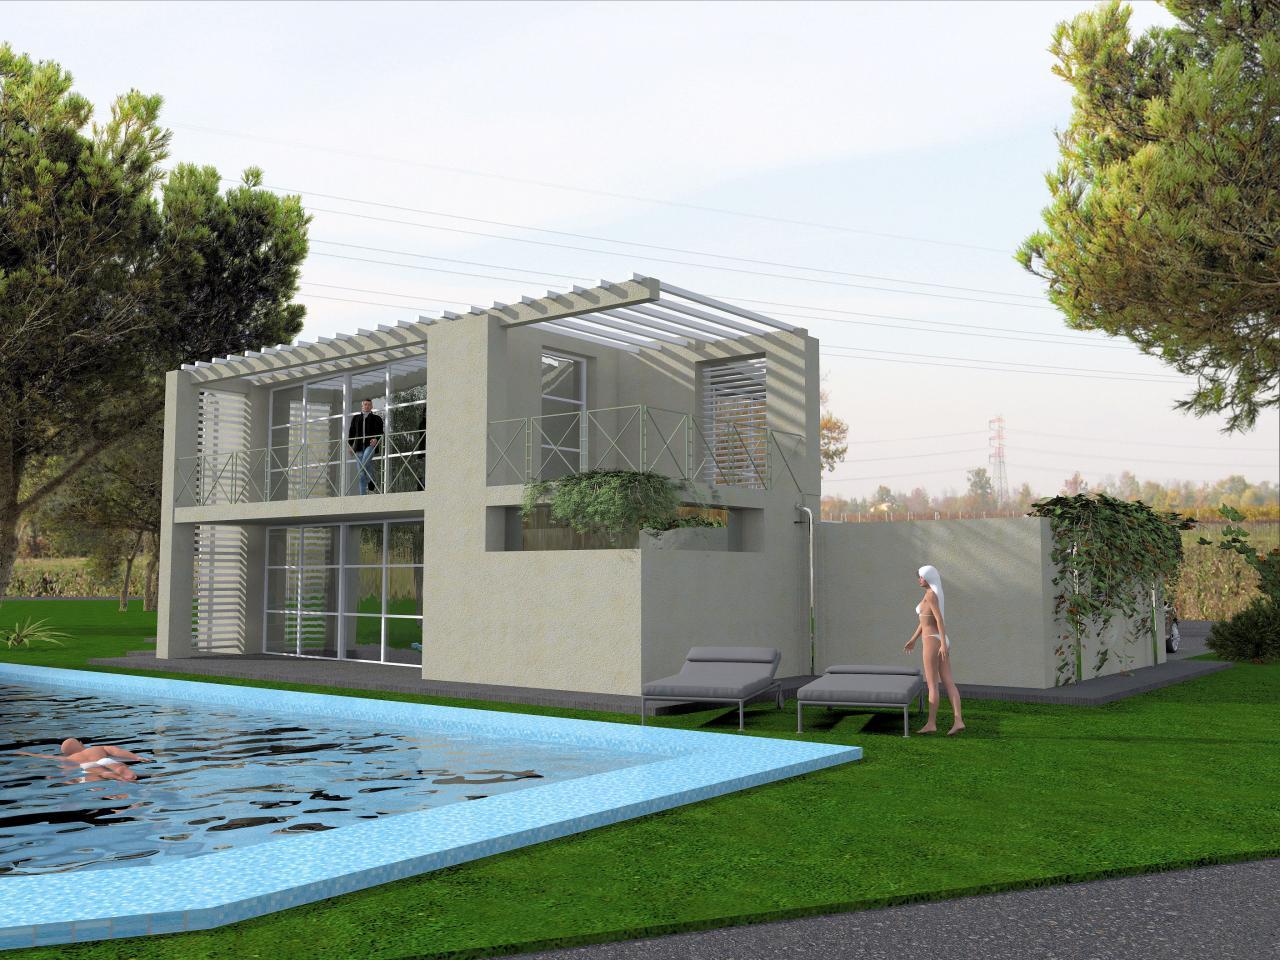 Terreno Edificabile Residenziale in vendita a Montignoso, 9999 locali, zona Zona: Cinquale, prezzo € 670.000 | Cambio Casa.it